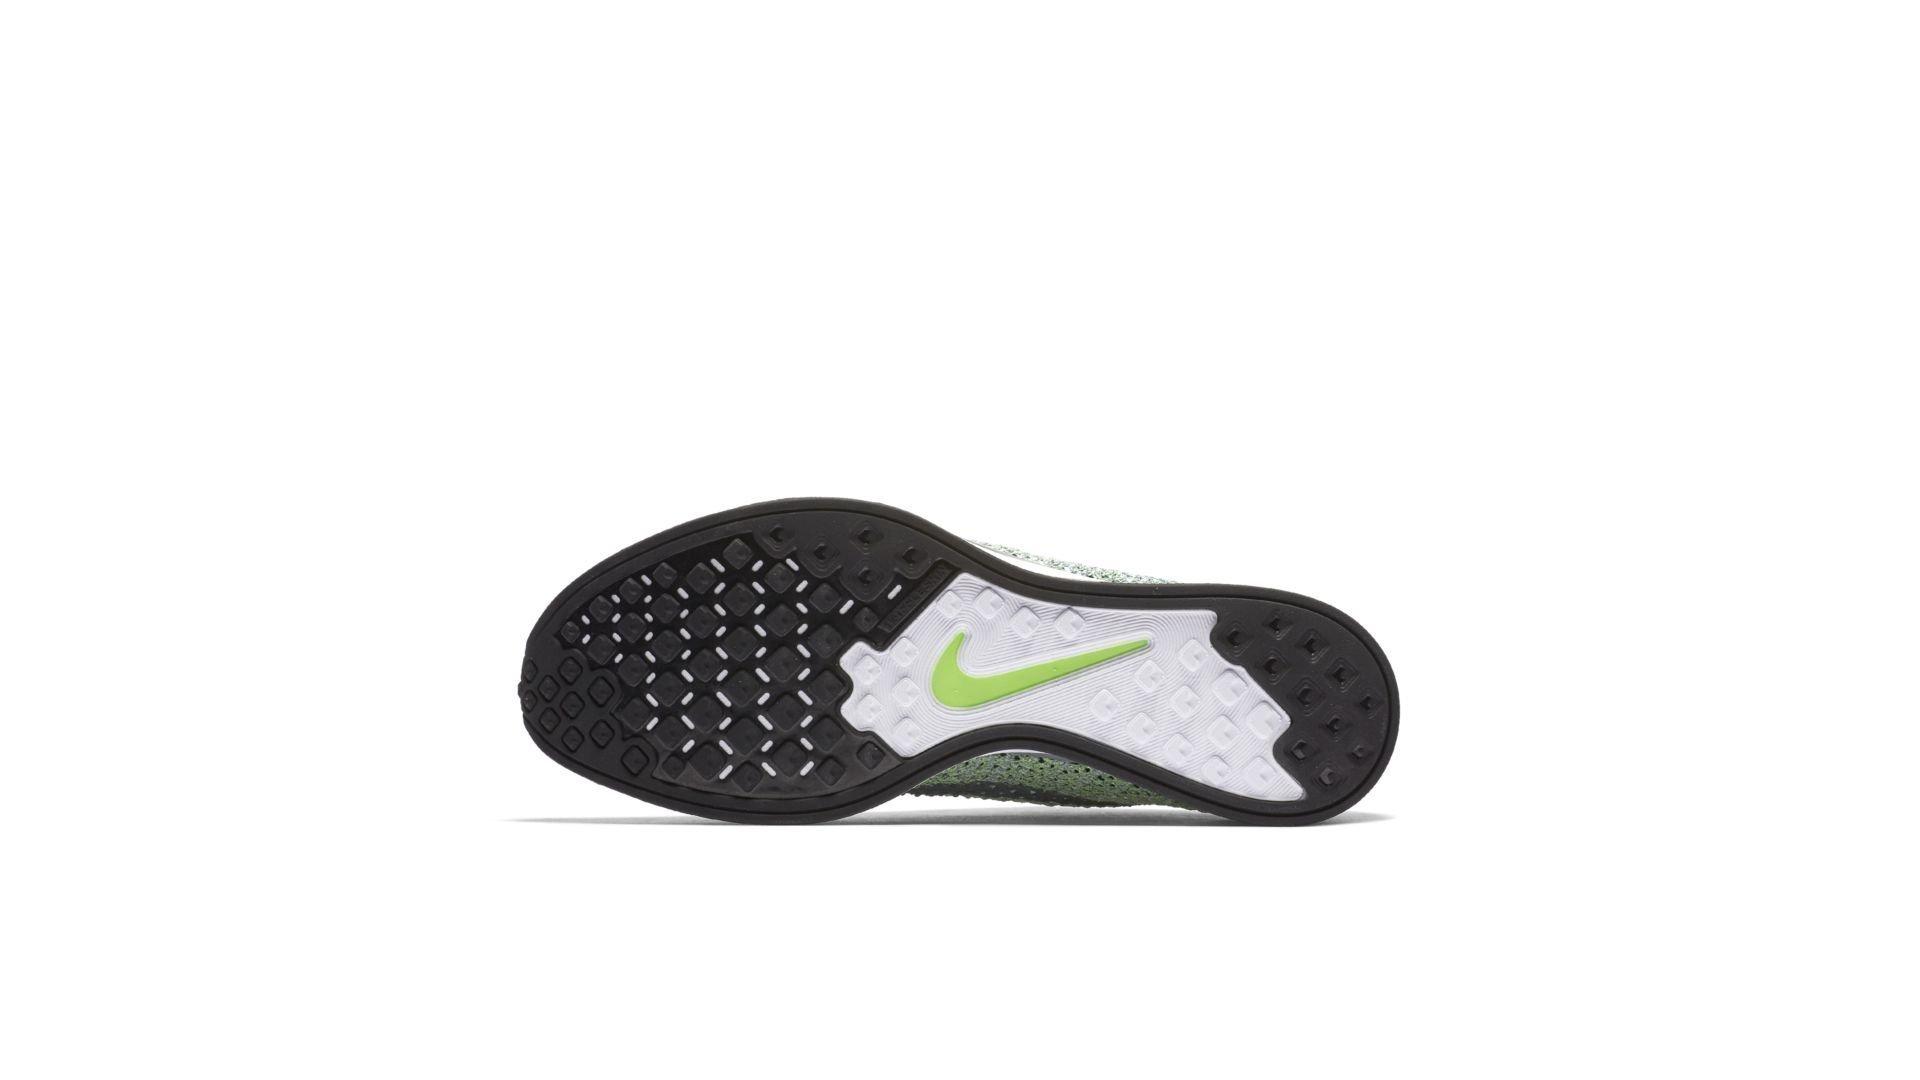 Nike Flyknit Racer Pistachio (526628-103)